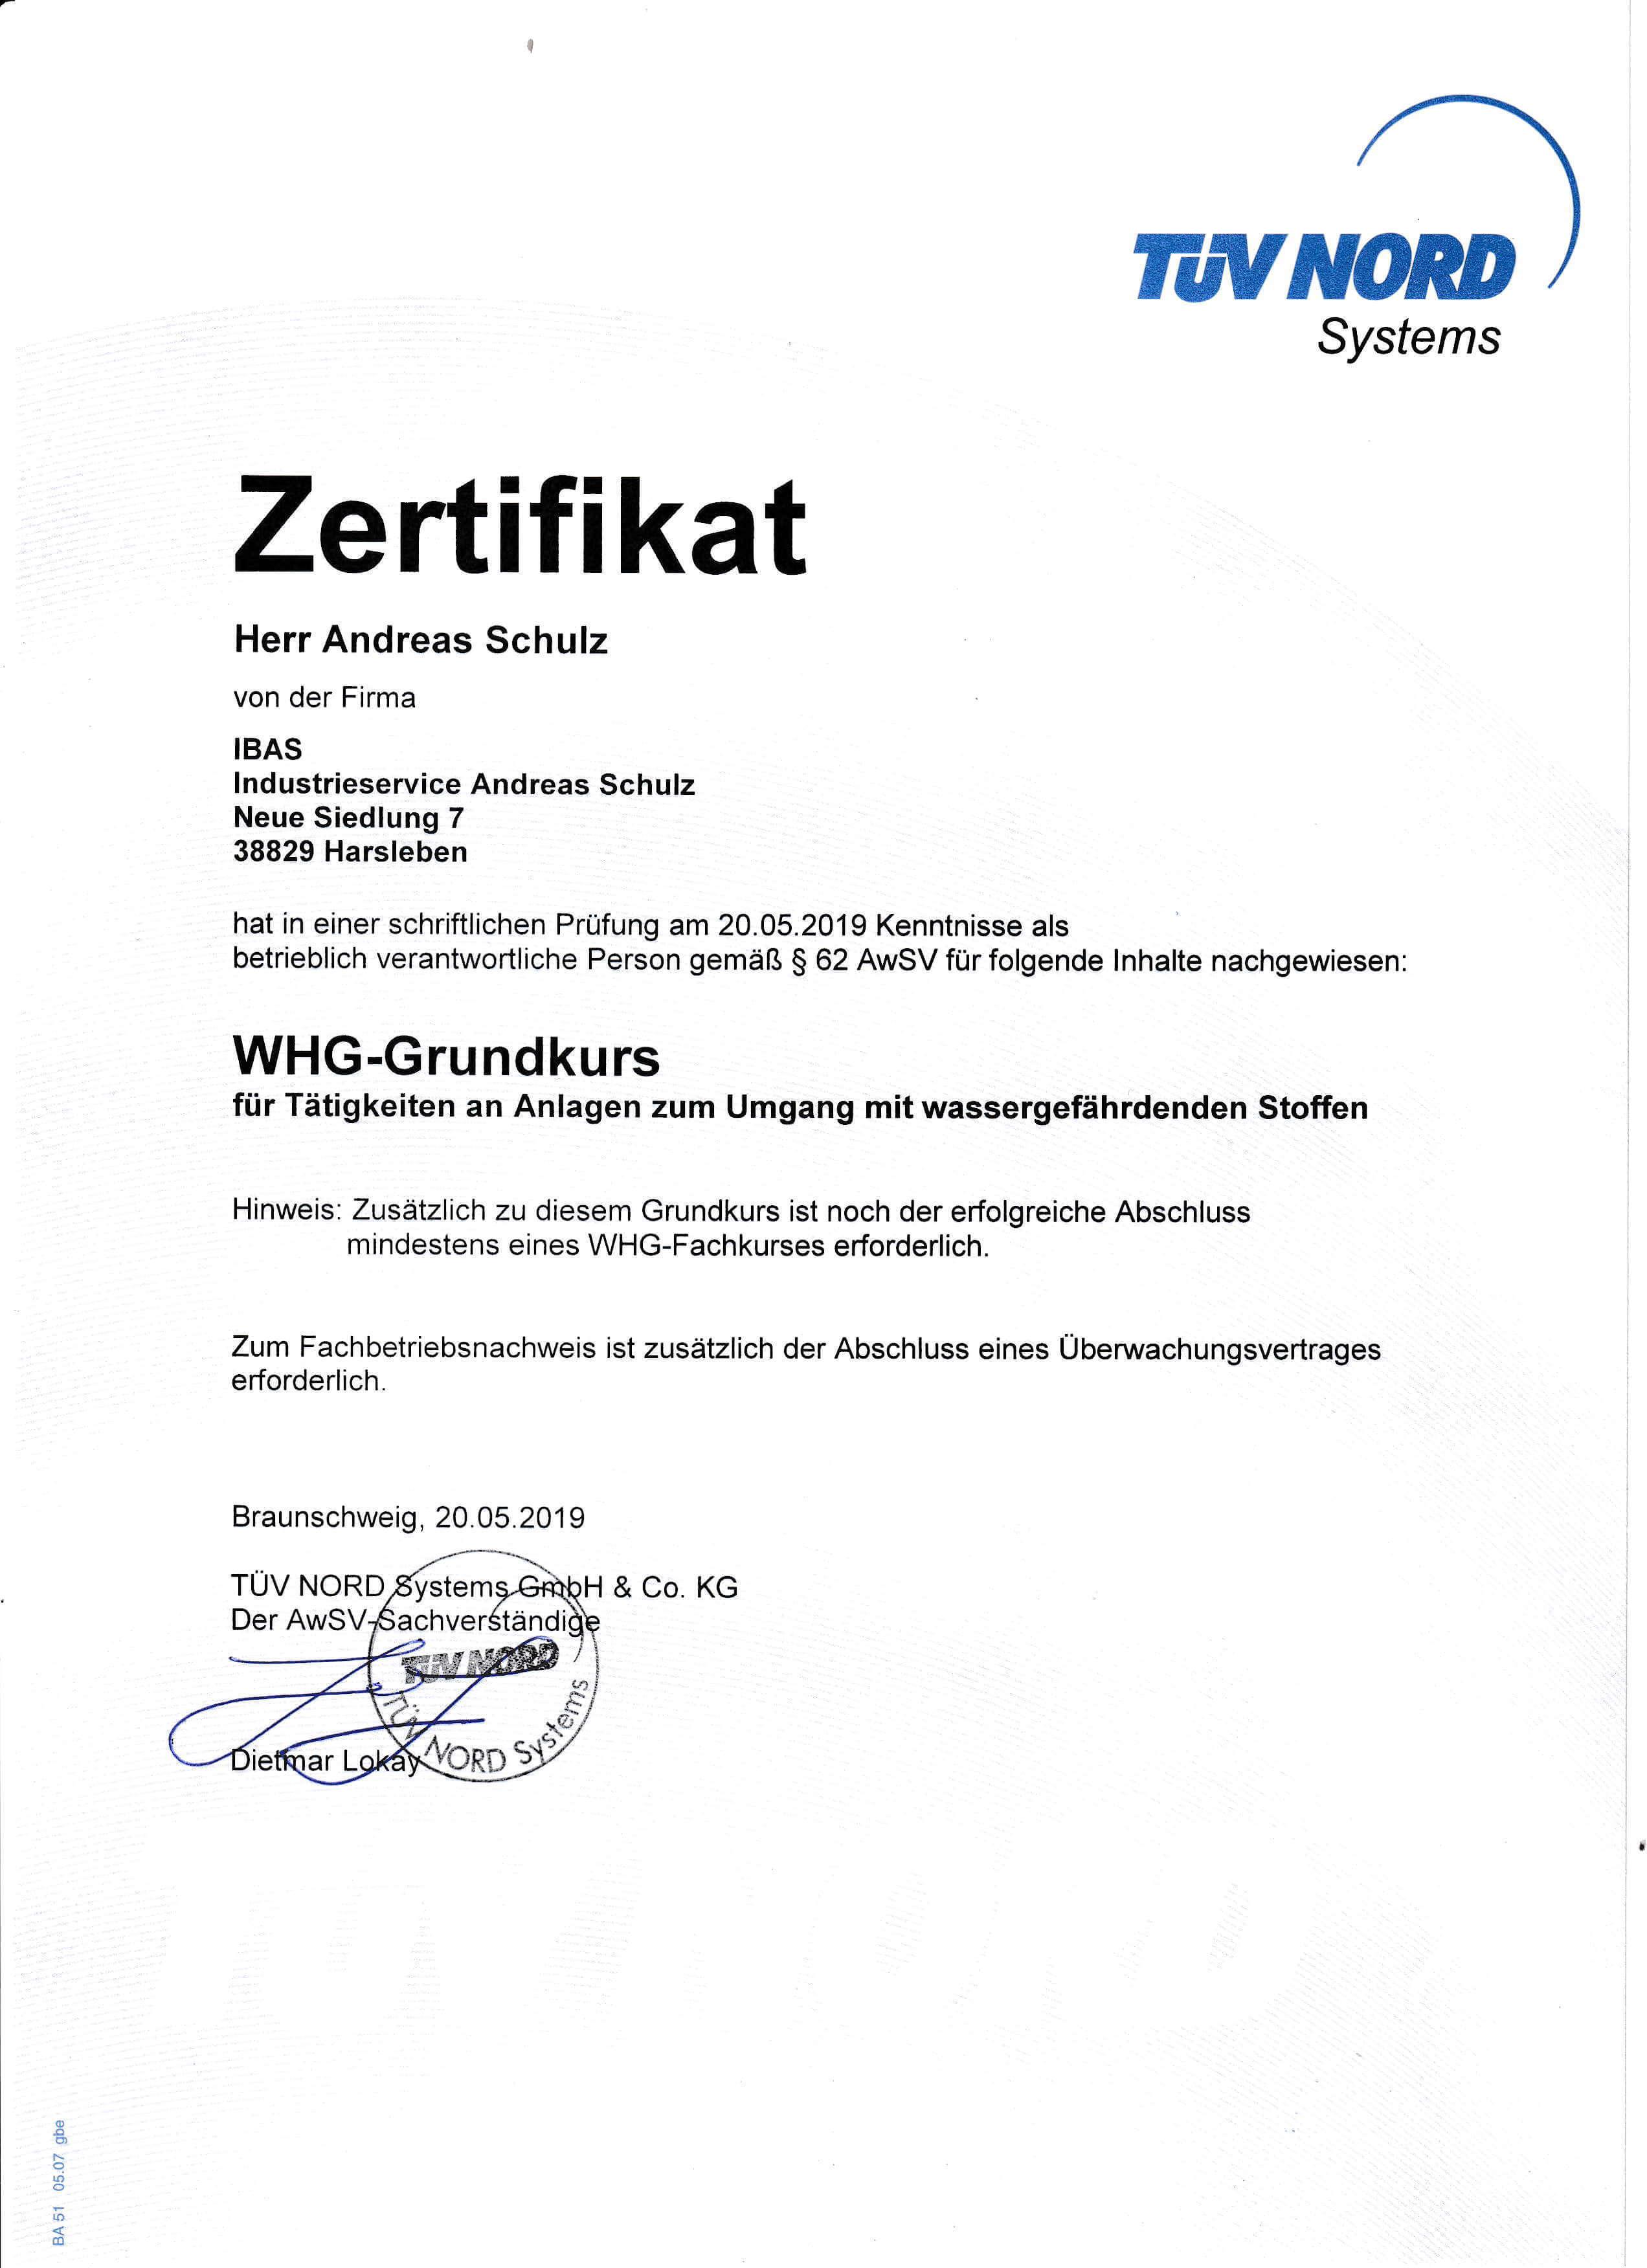 TÜV Nord Zertifikat über den Umgang mit wassergefährdenden Stoffen | IBAS Industrieberatung